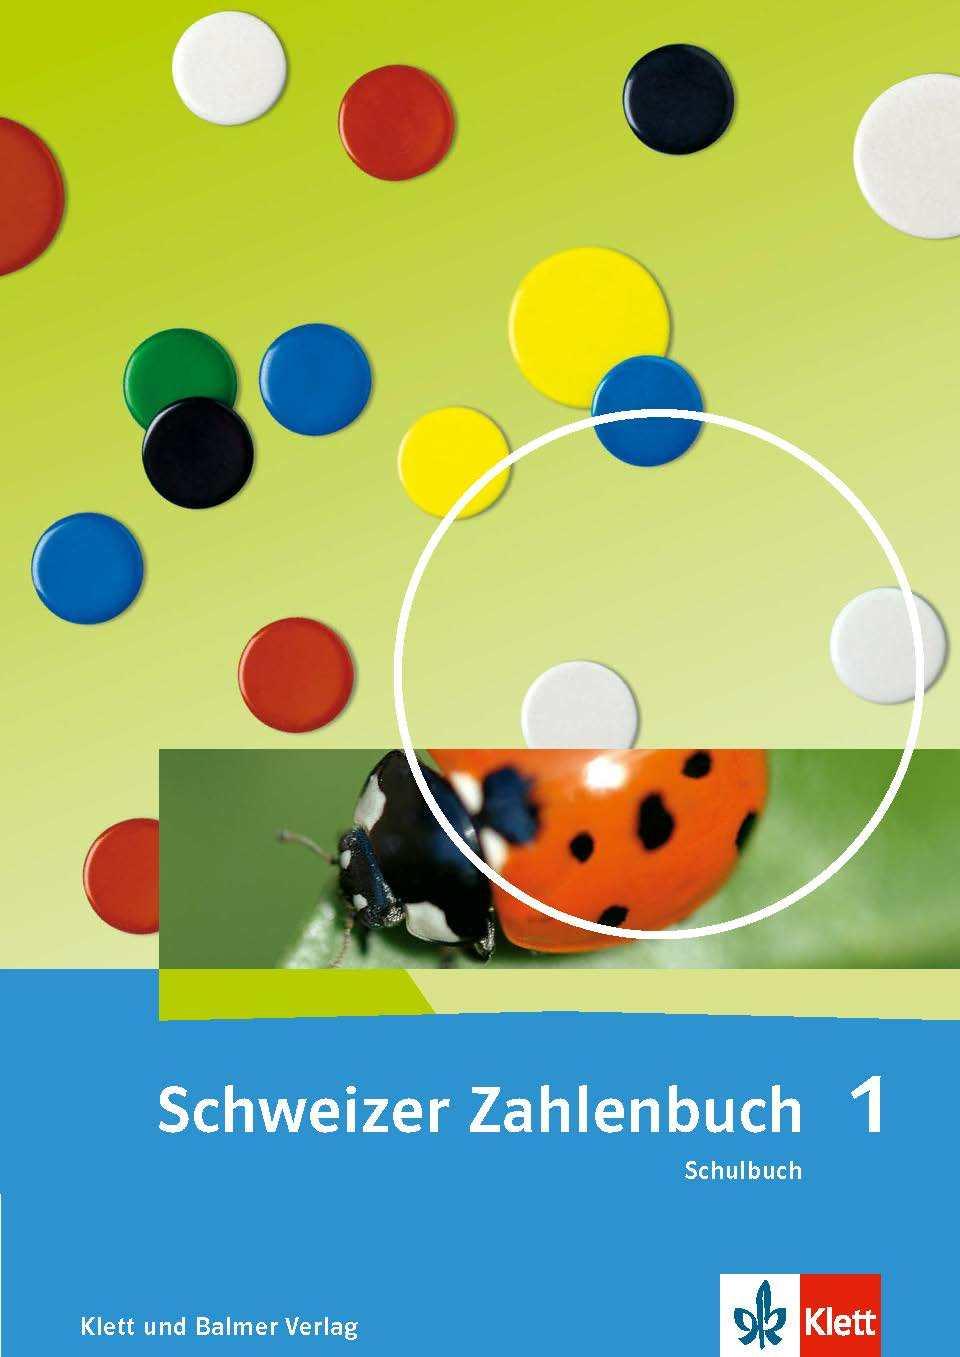 978 3 264 84700 0 Schweizer Zahlenbuch 1 Schulbuch Ausgabe ab 2017 klett und balmer